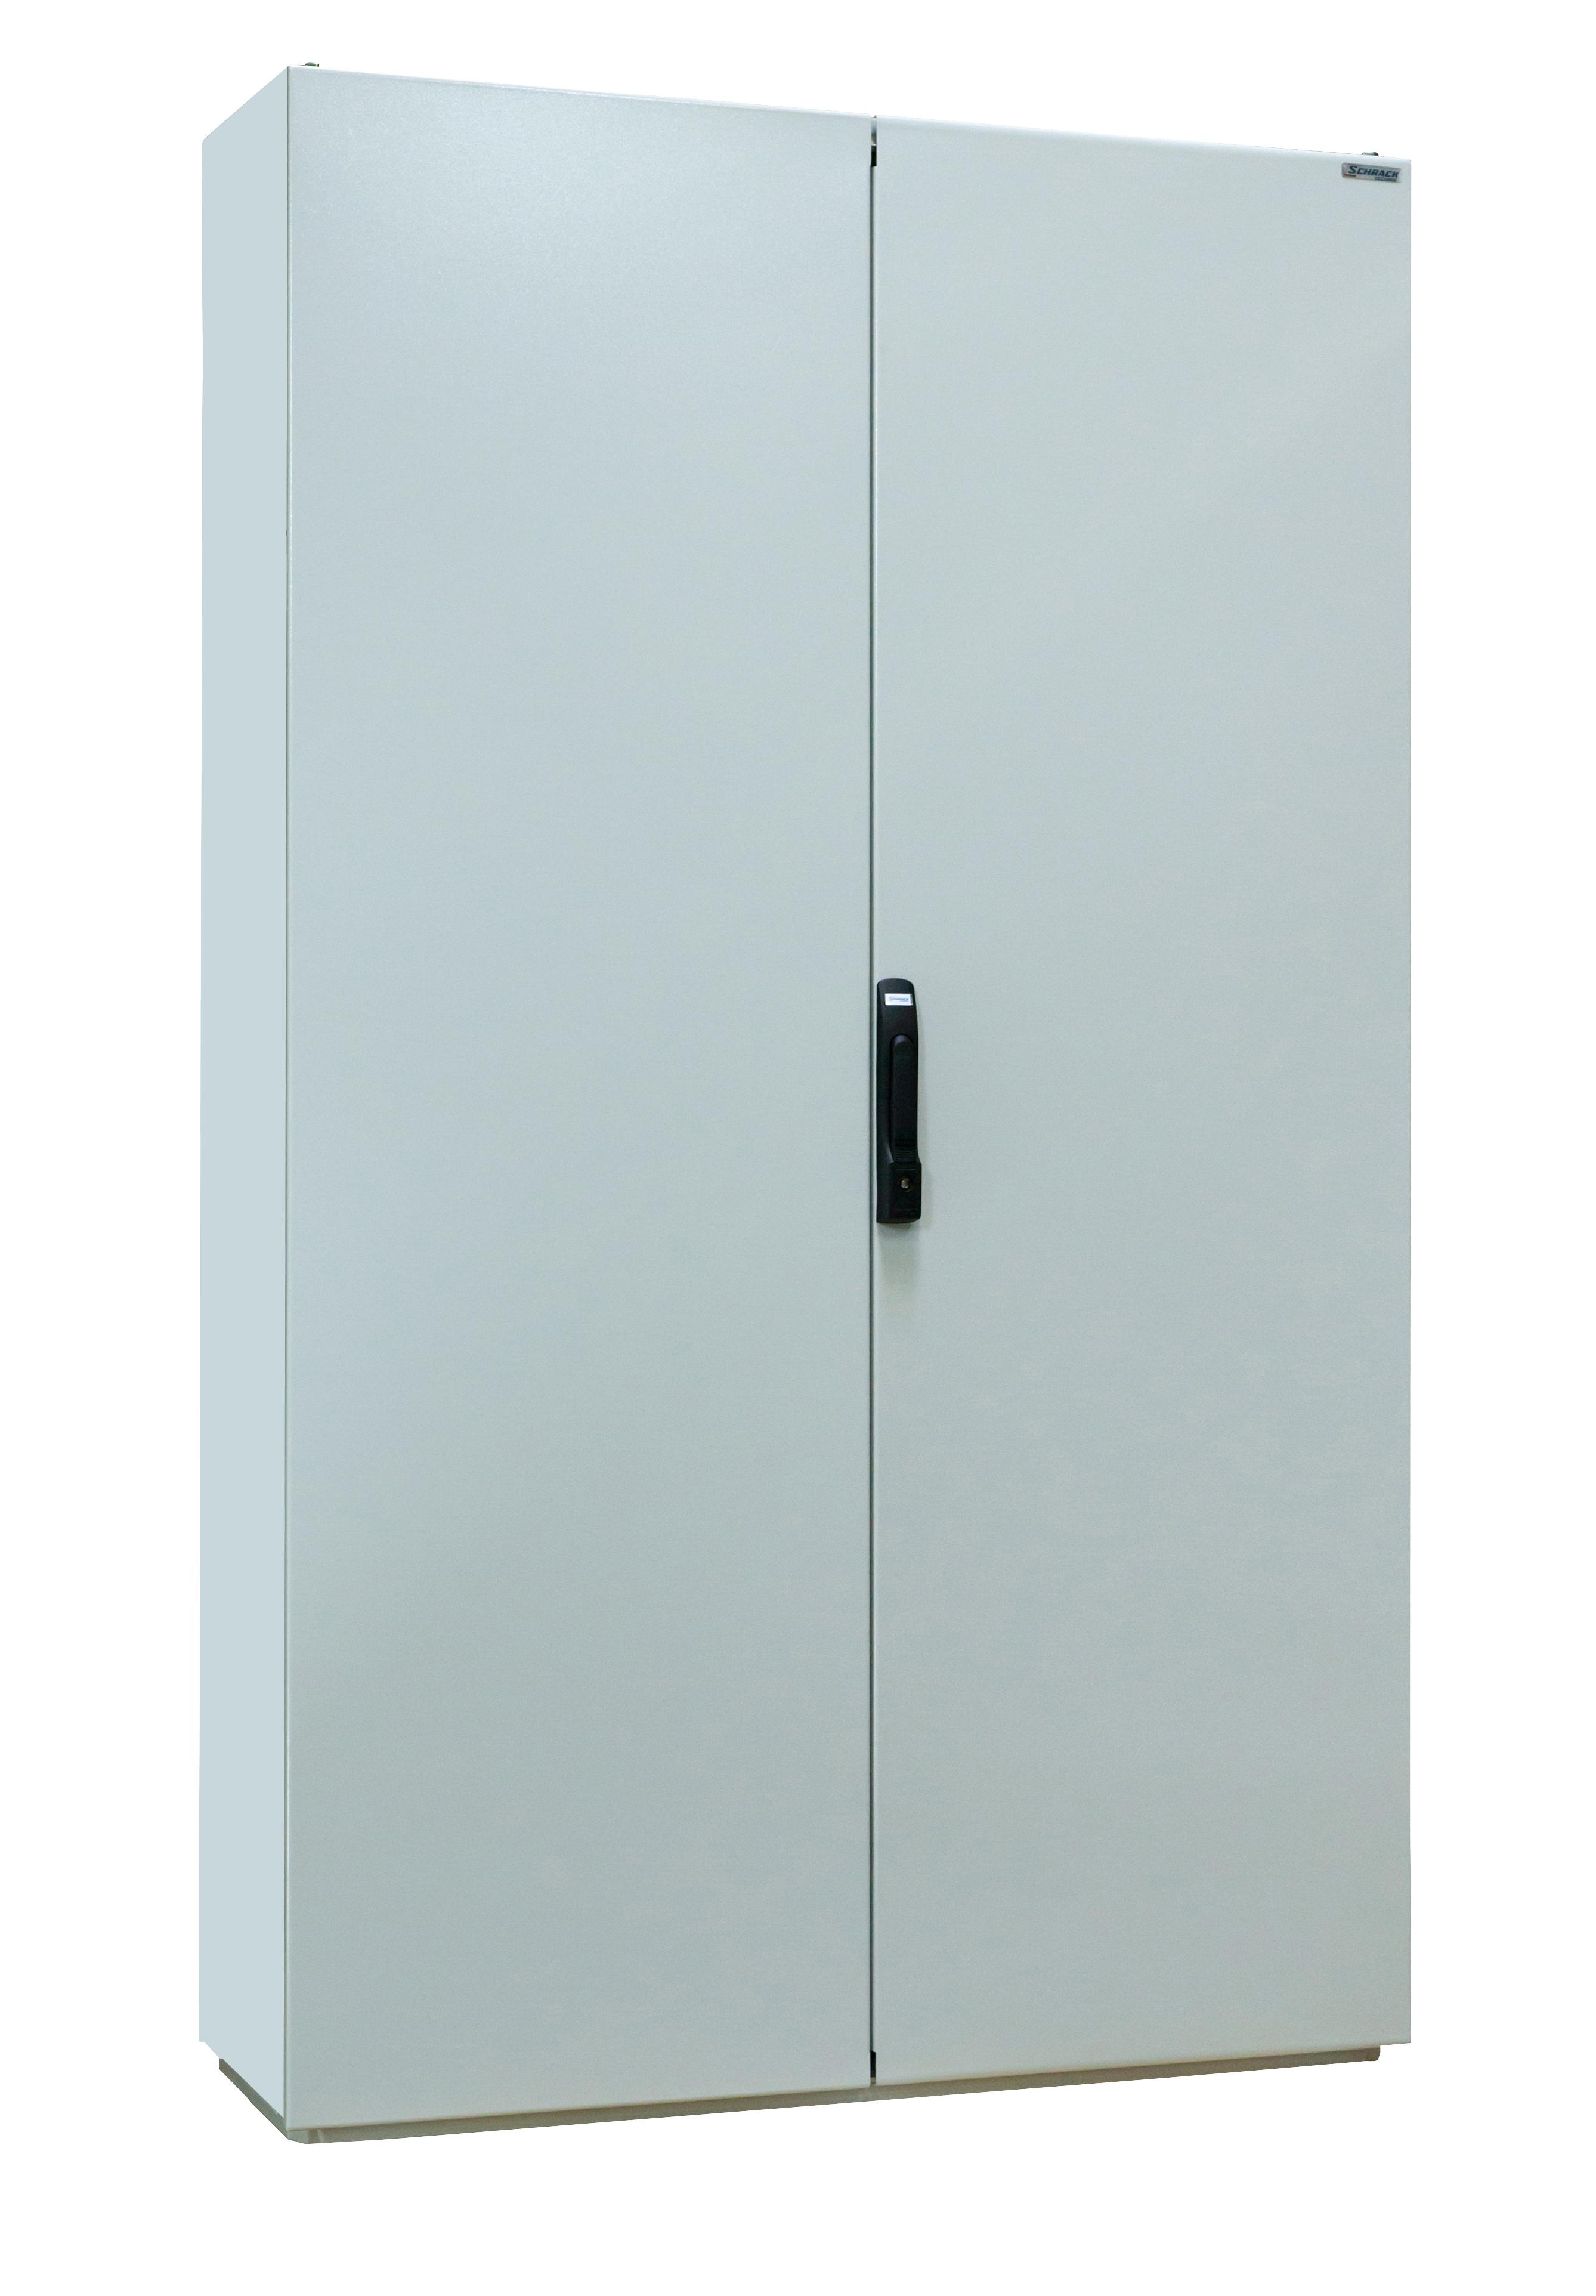 1 Stk Kompaktschrank 2-türig, 2000x1600x500mm, RAL 7035 KS201652-5